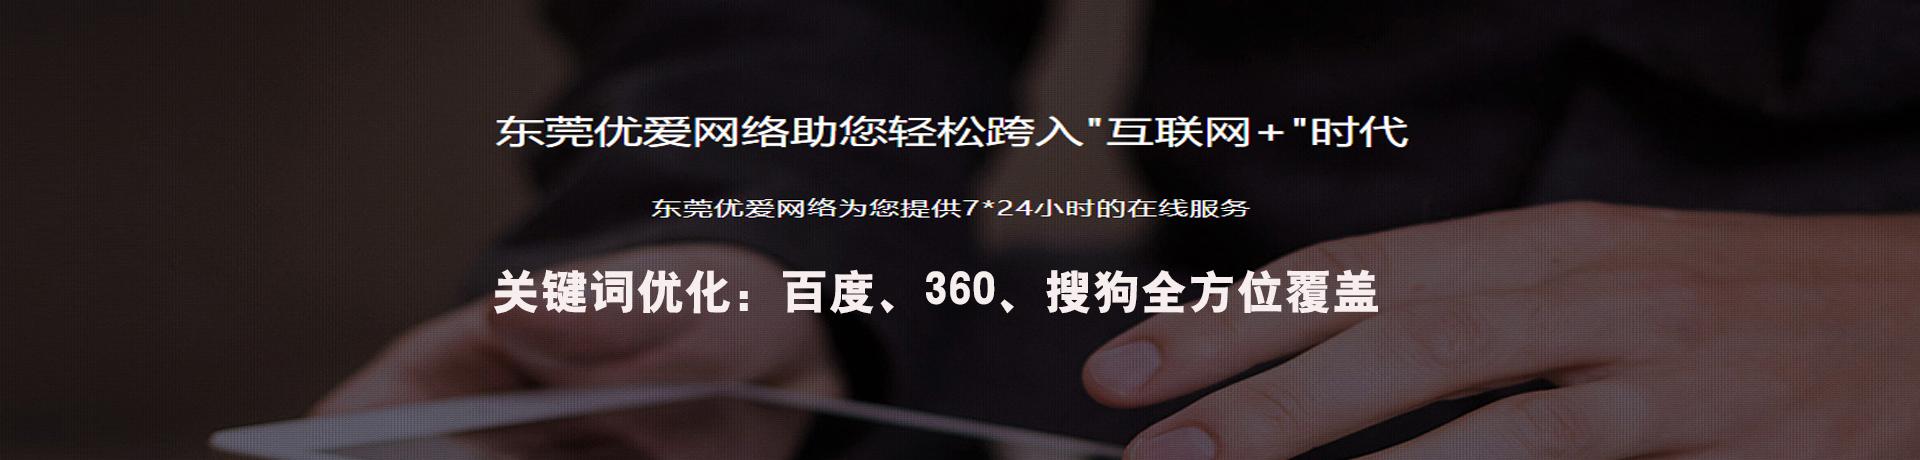 郑州怎么找优化排名托管